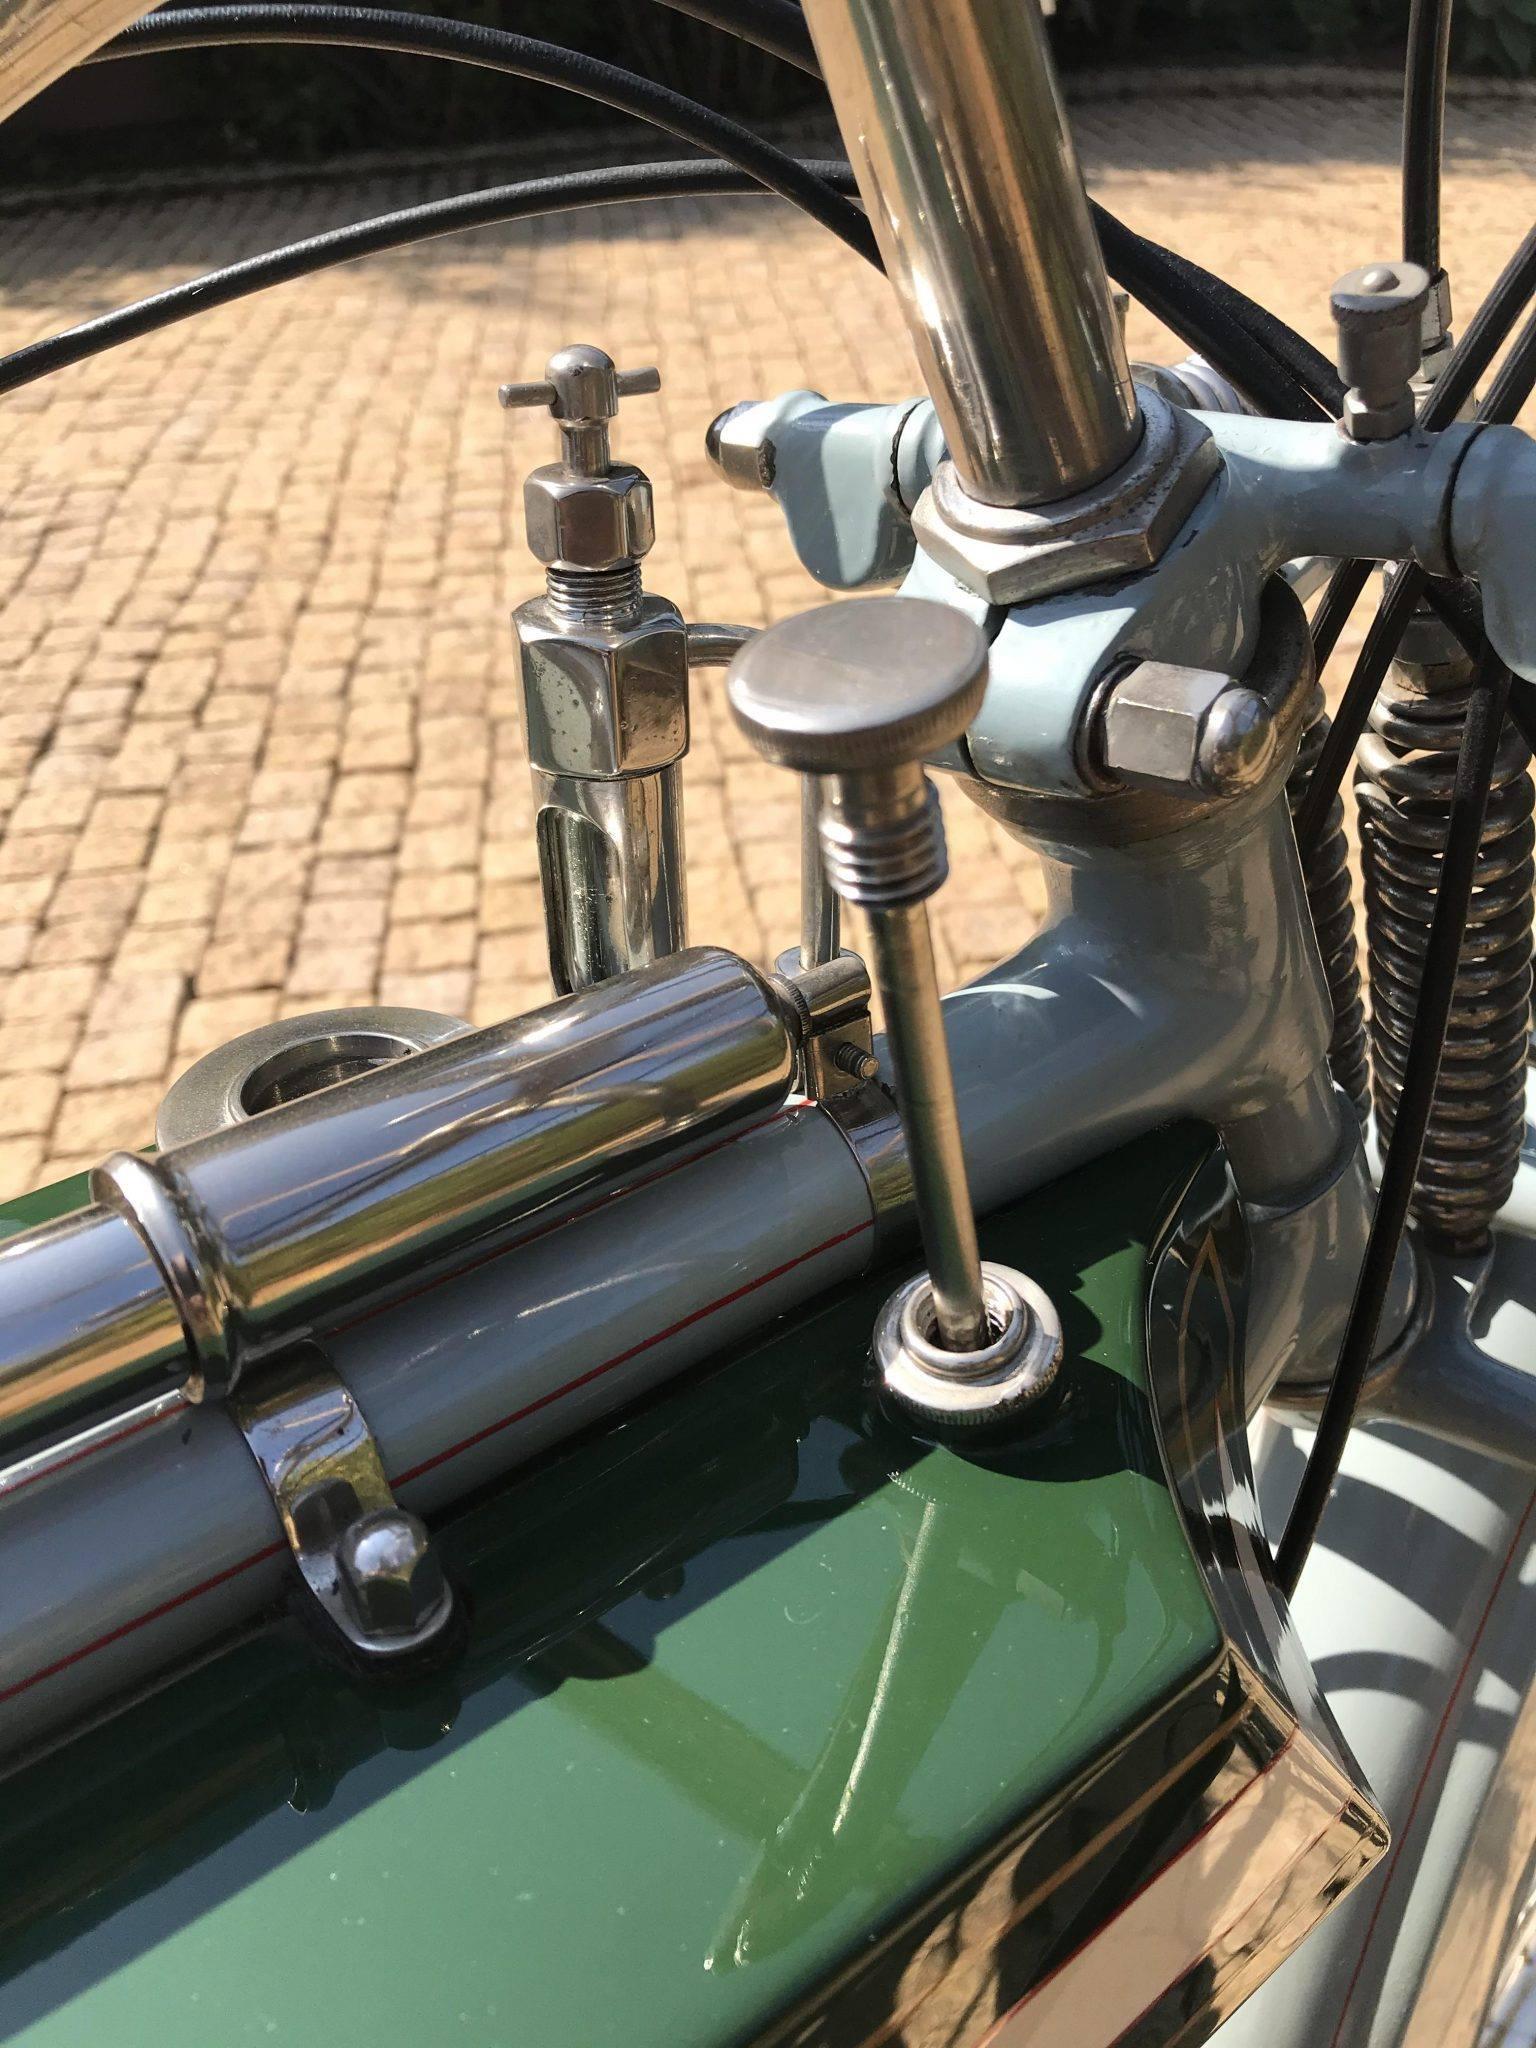 Rex-Jap-1913-aangepast-voor-racing-680-CC-V-twin-(8)